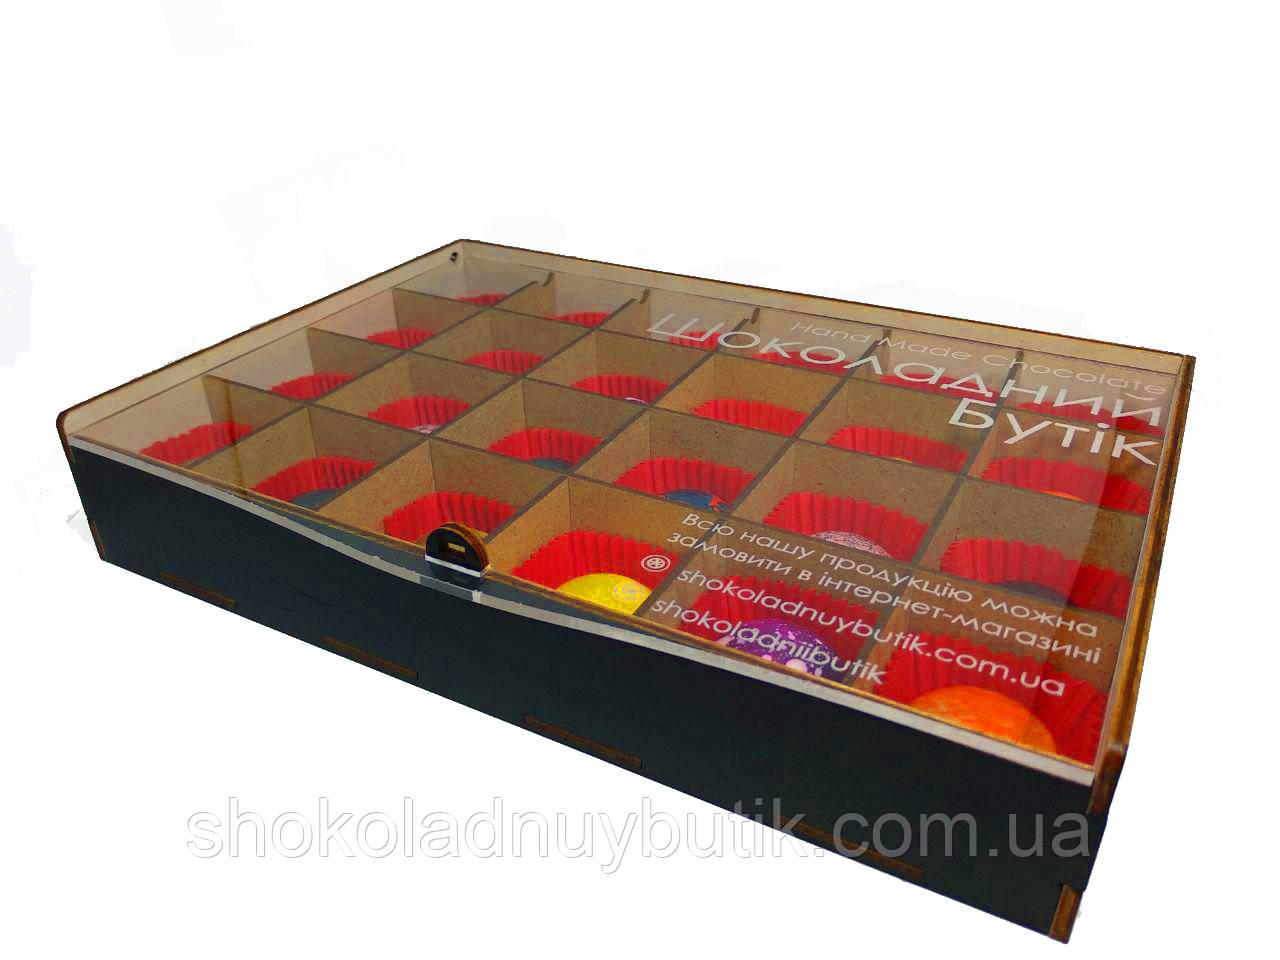 Шоколадные конфеты ручной роботы *Деревяная коробка с вашим логотипом на 24 конфеты.*